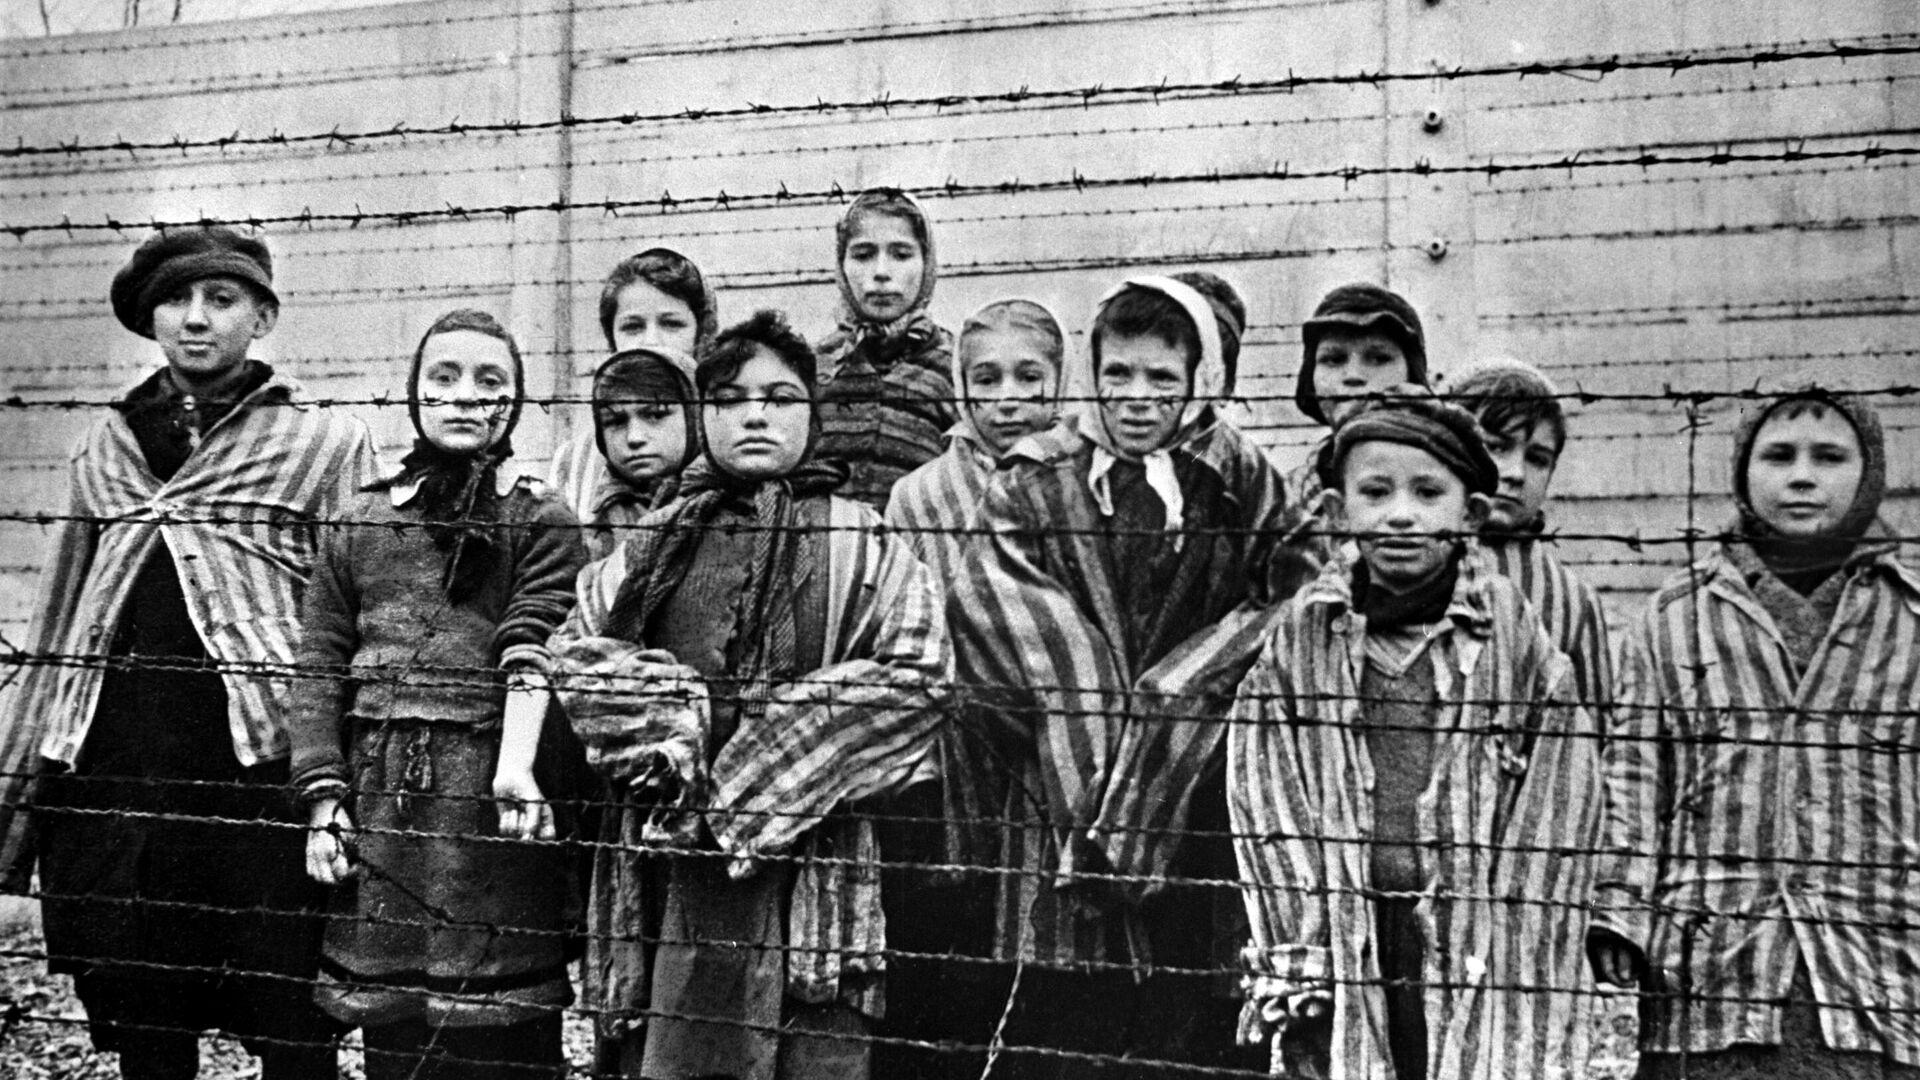 Дети в нацистском концлагере Освенцим - РИА Новости, 1920, 08.05.2021